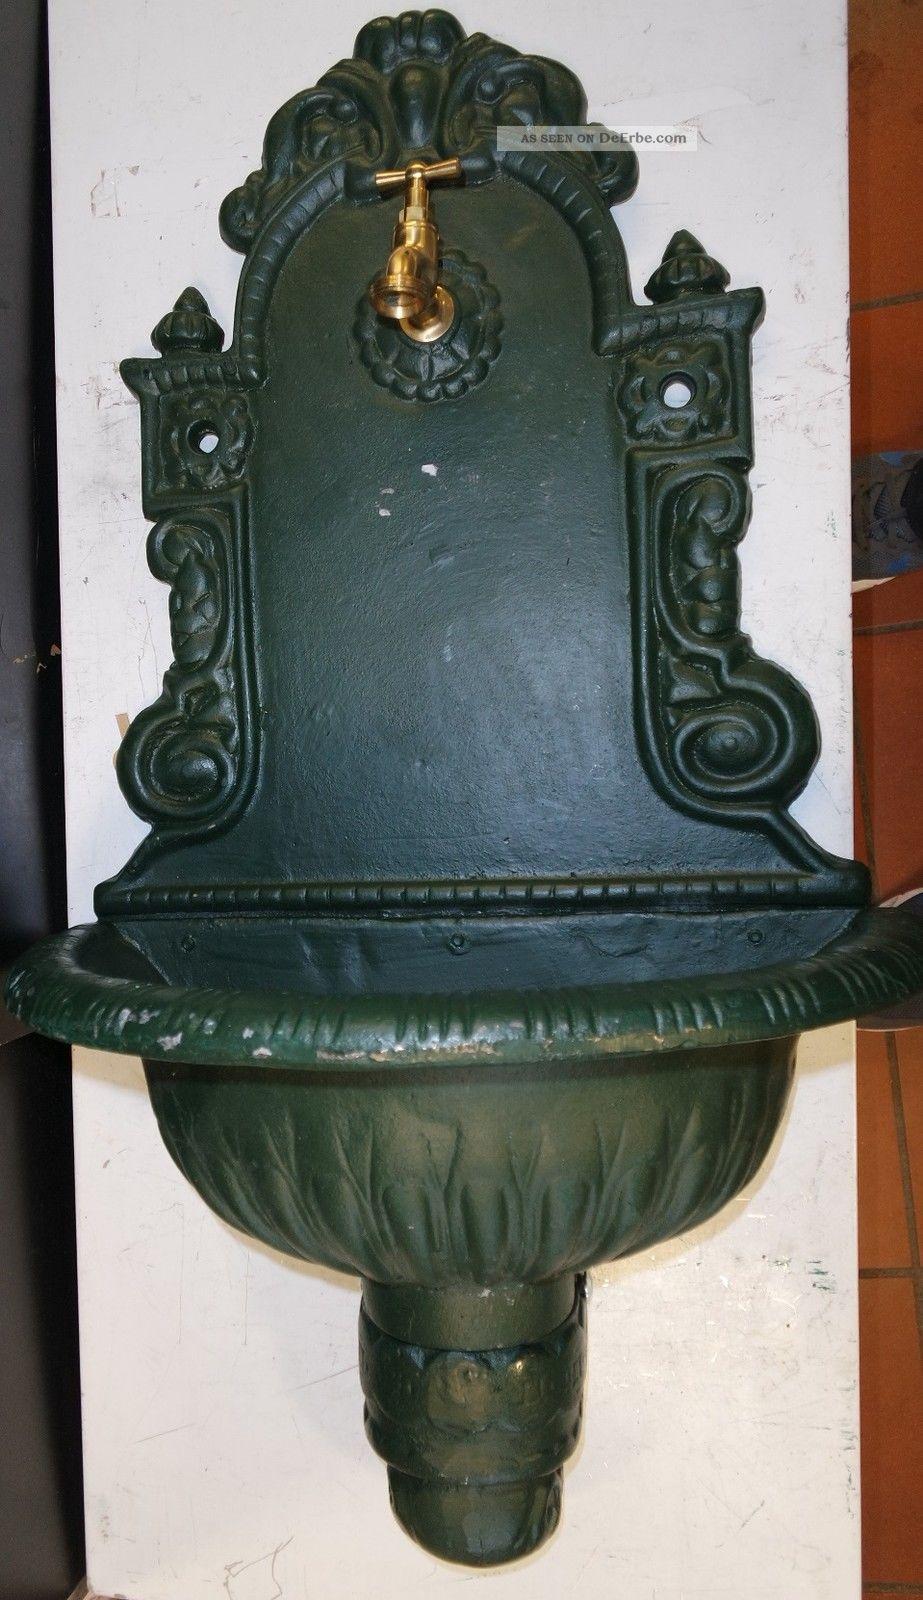 Puteus 15132 - E Nostalgie - Wandbrunnen Grauguß Grün Lackiert Händler D18851 Brunnen Bild